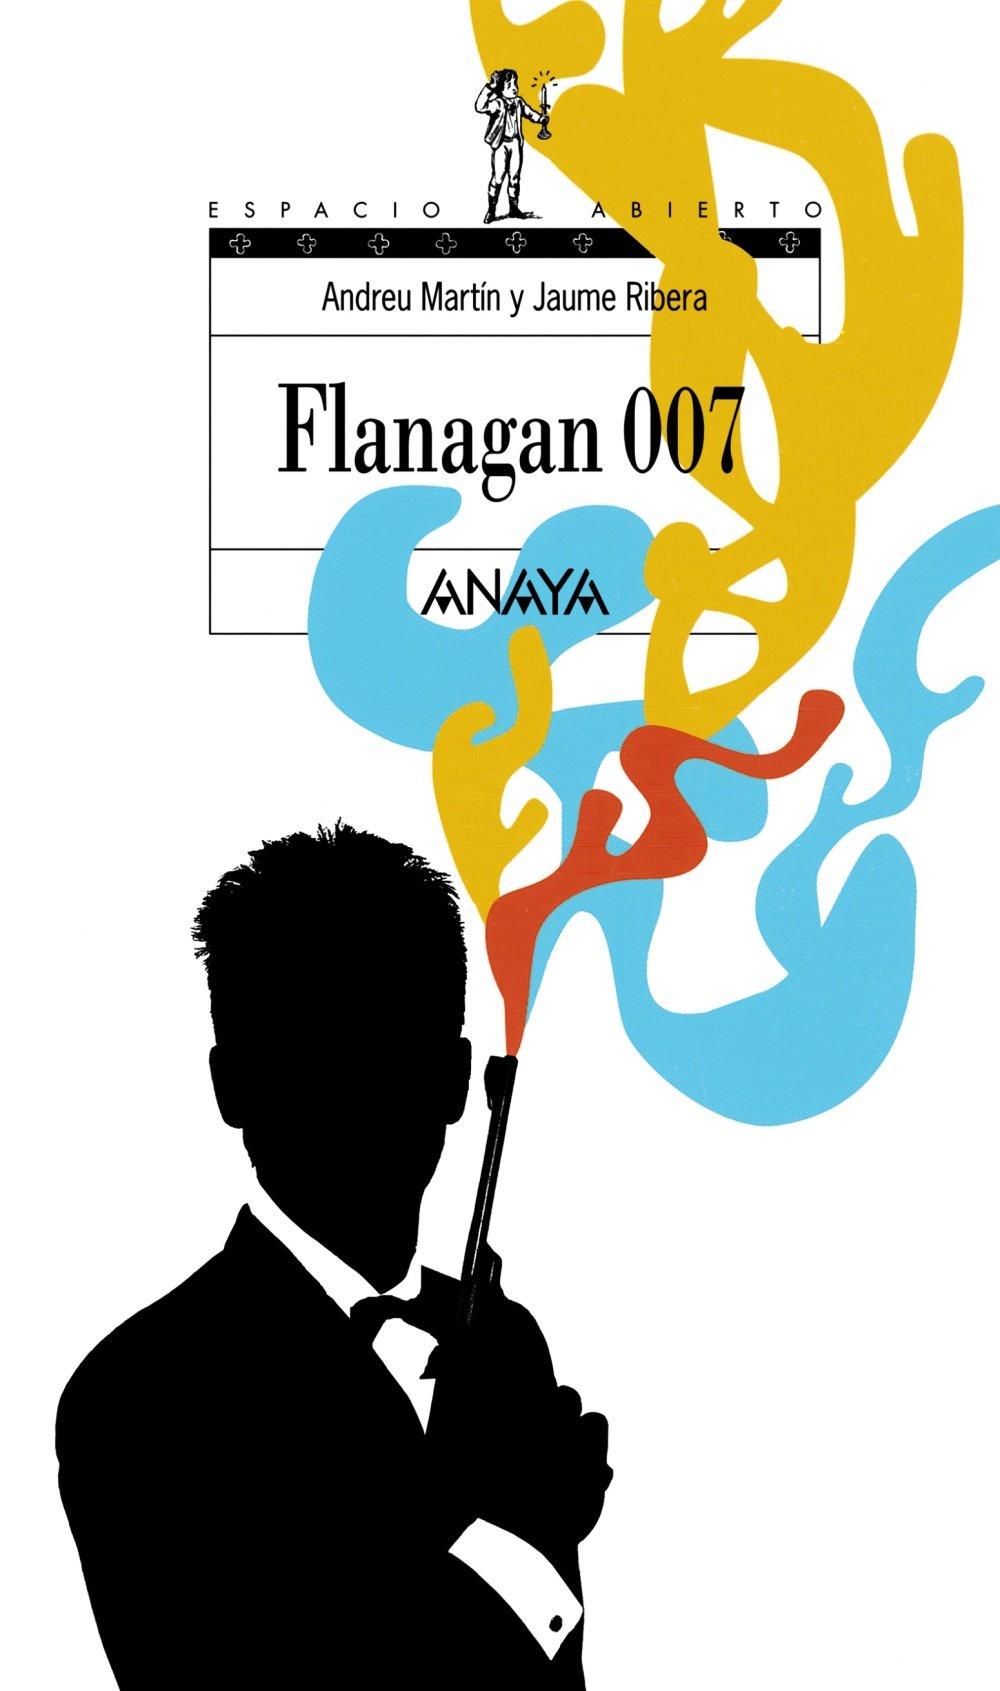 Flanagan 007: Serie Flanagan, 6 Literatura Juvenil A Partir De 12 Años - Espacio Abierto: Amazon.es: Andreu Martín, Jaume Ribera: Libros